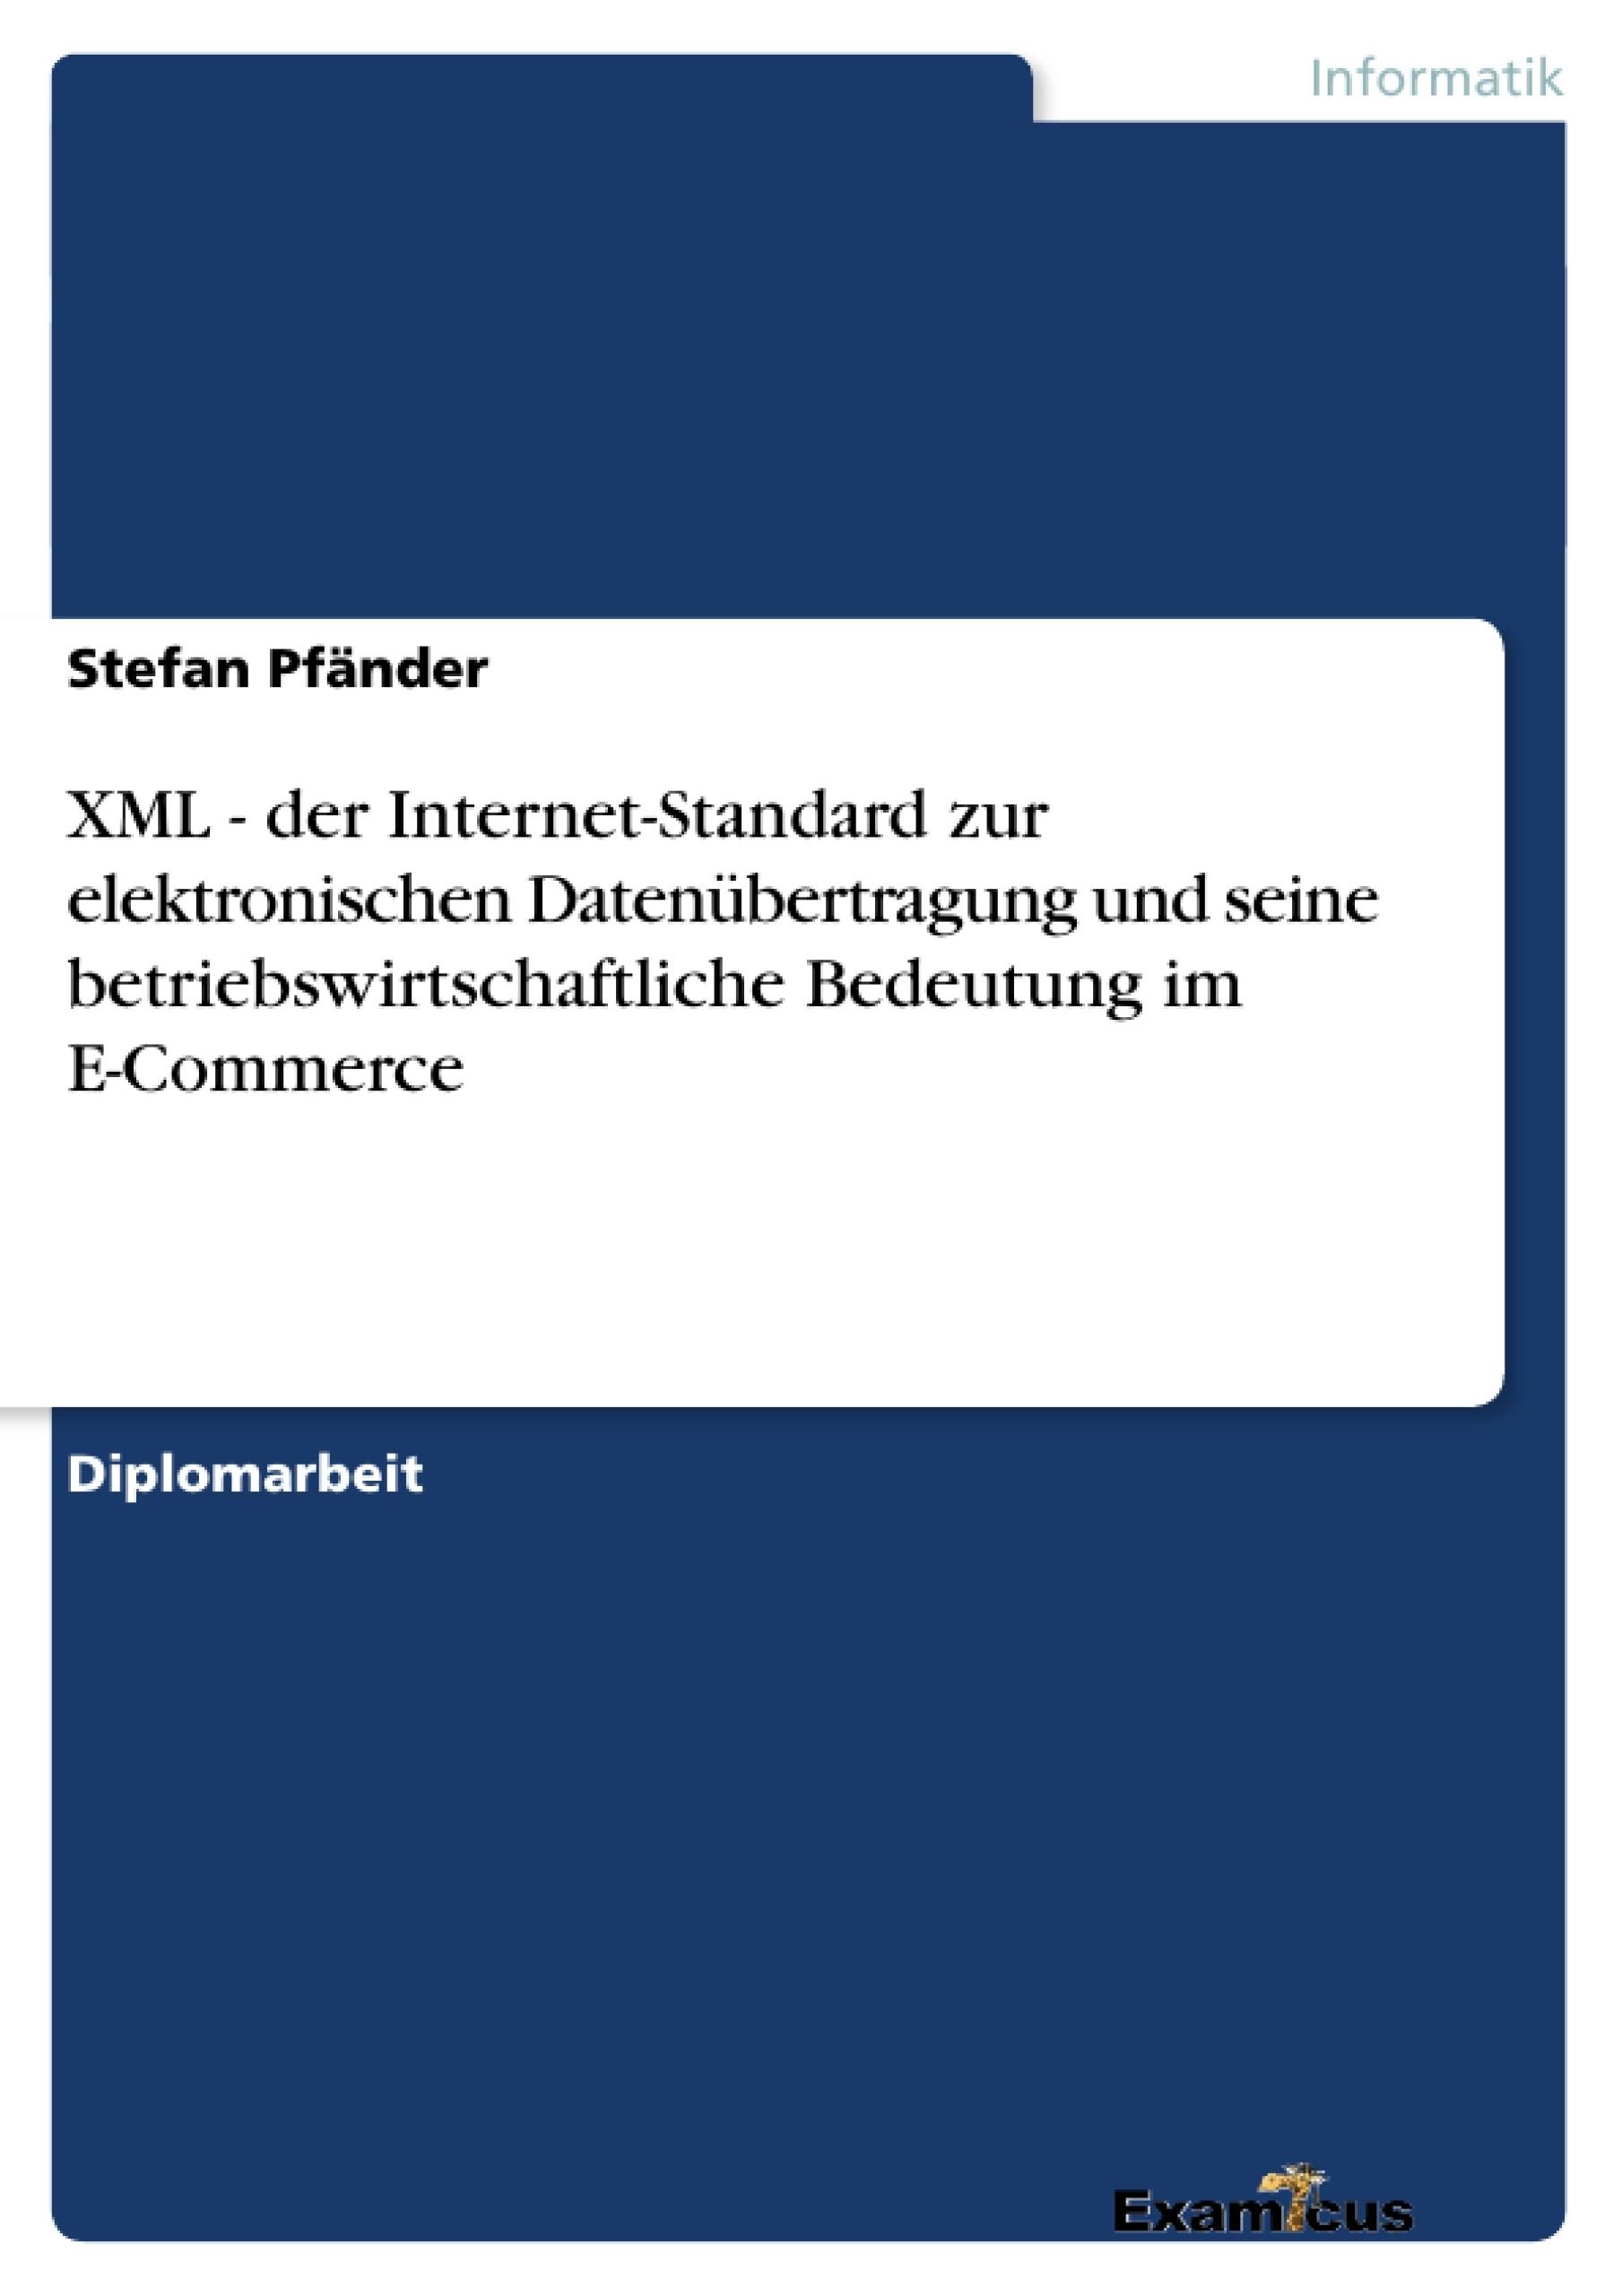 Titel: XML - der Internet-Standard zur elektronischen Datenübertragung und seine betriebswirtschaftliche Bedeutung im E-Commerce